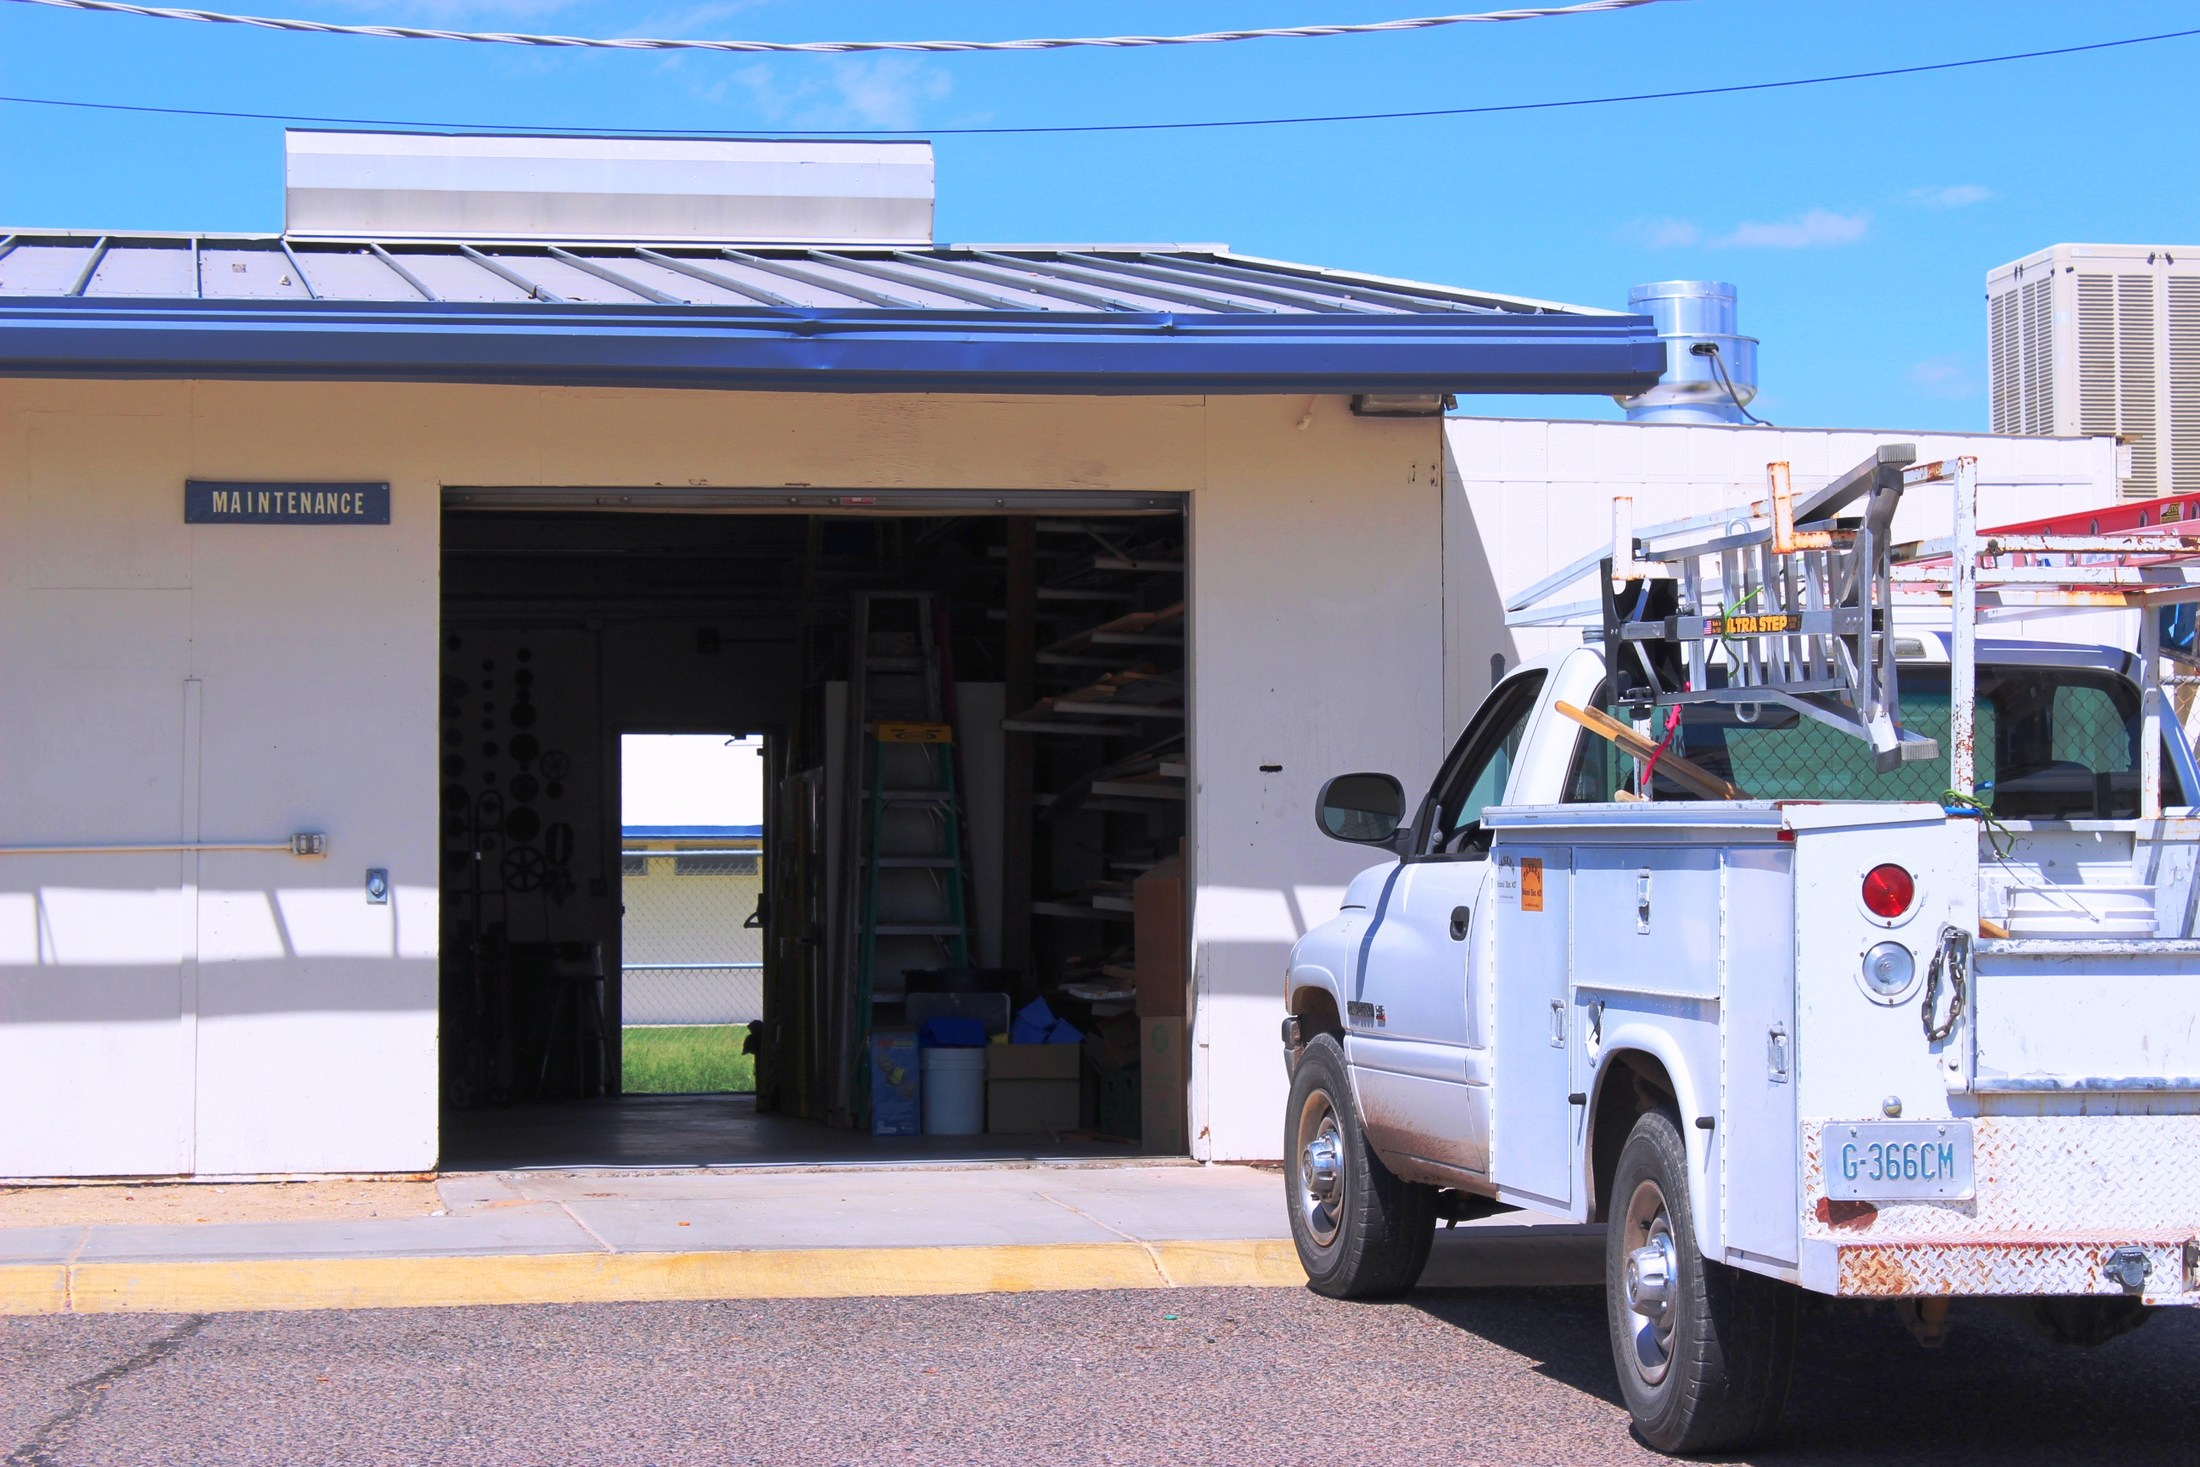 PUSD Maintenance shop